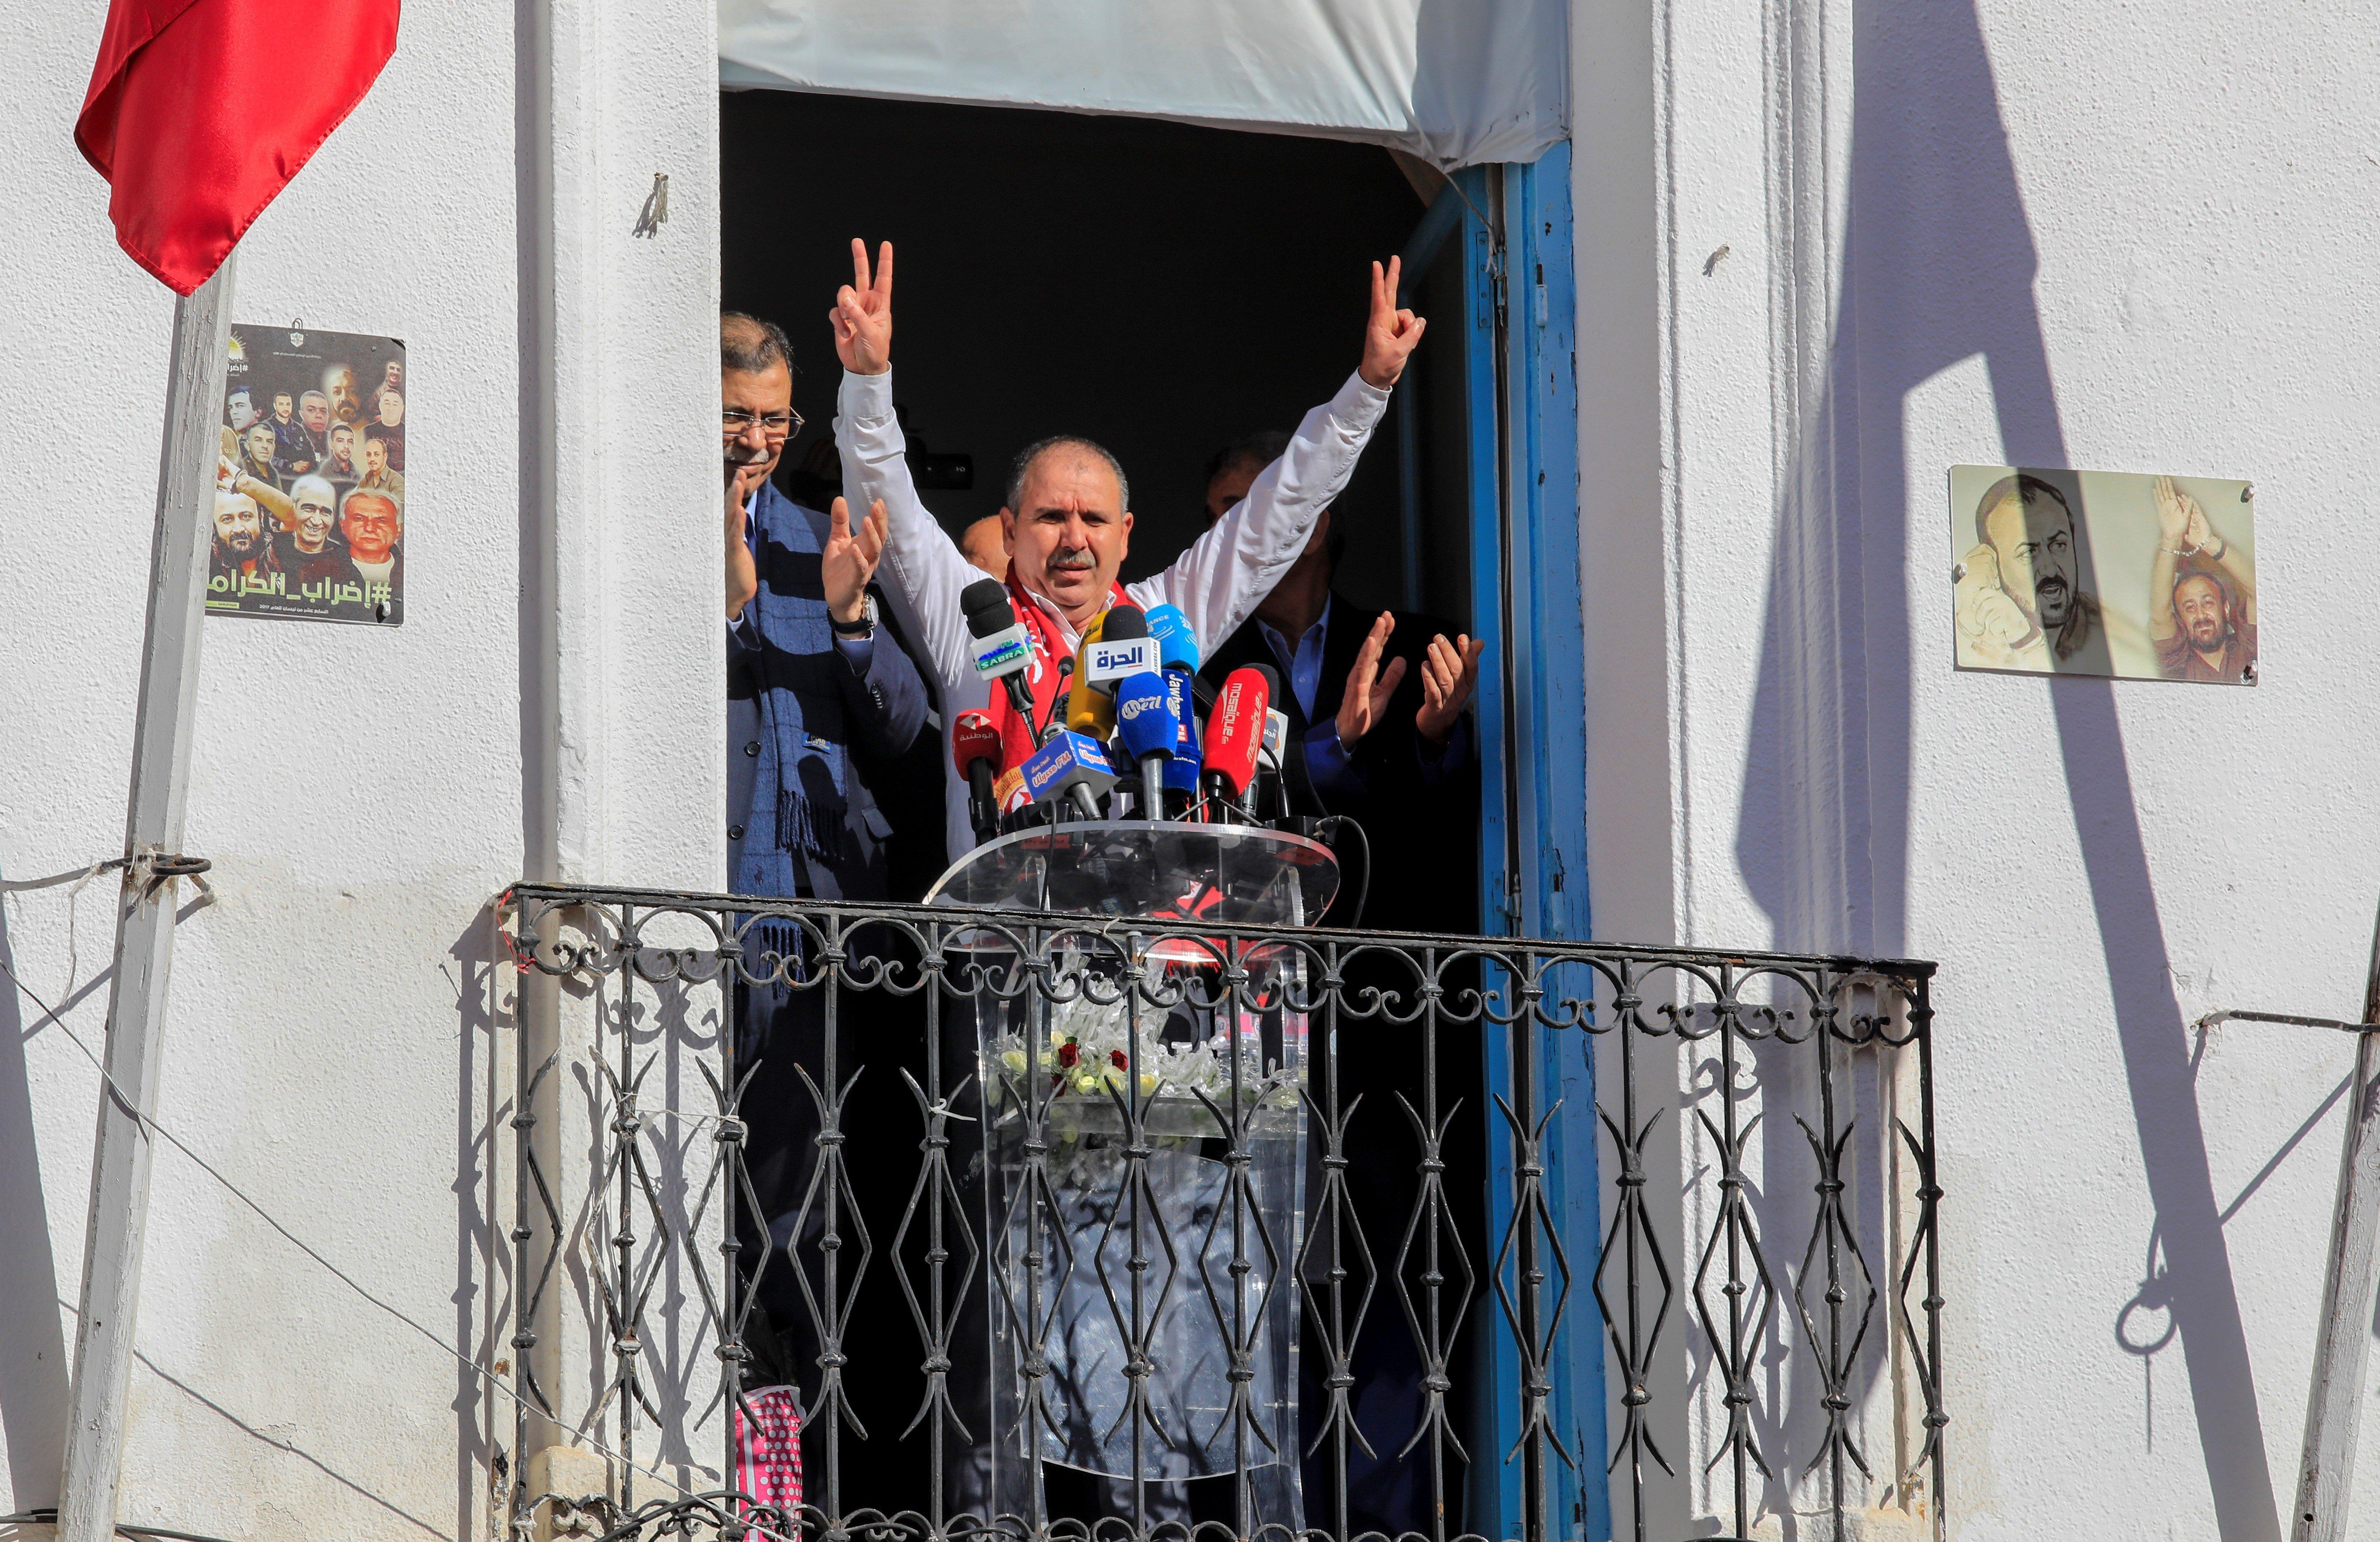 Noureddine Taboubi promet l'escalade après la réunion de la commission administrative nationale, prévue samedi